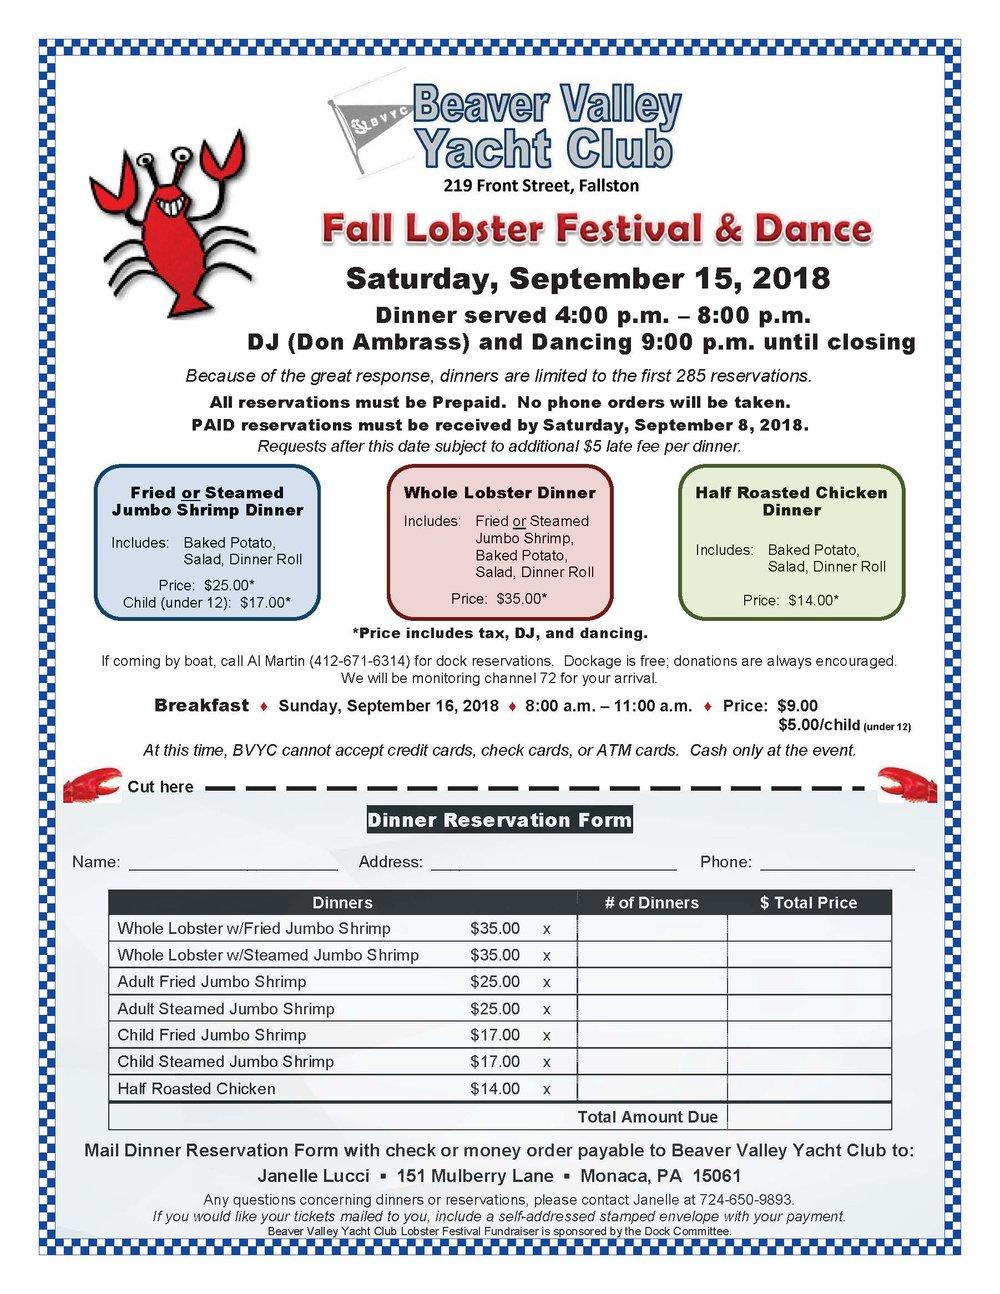 2018 Fall--Lobster Dinner Reservation Form.jpg